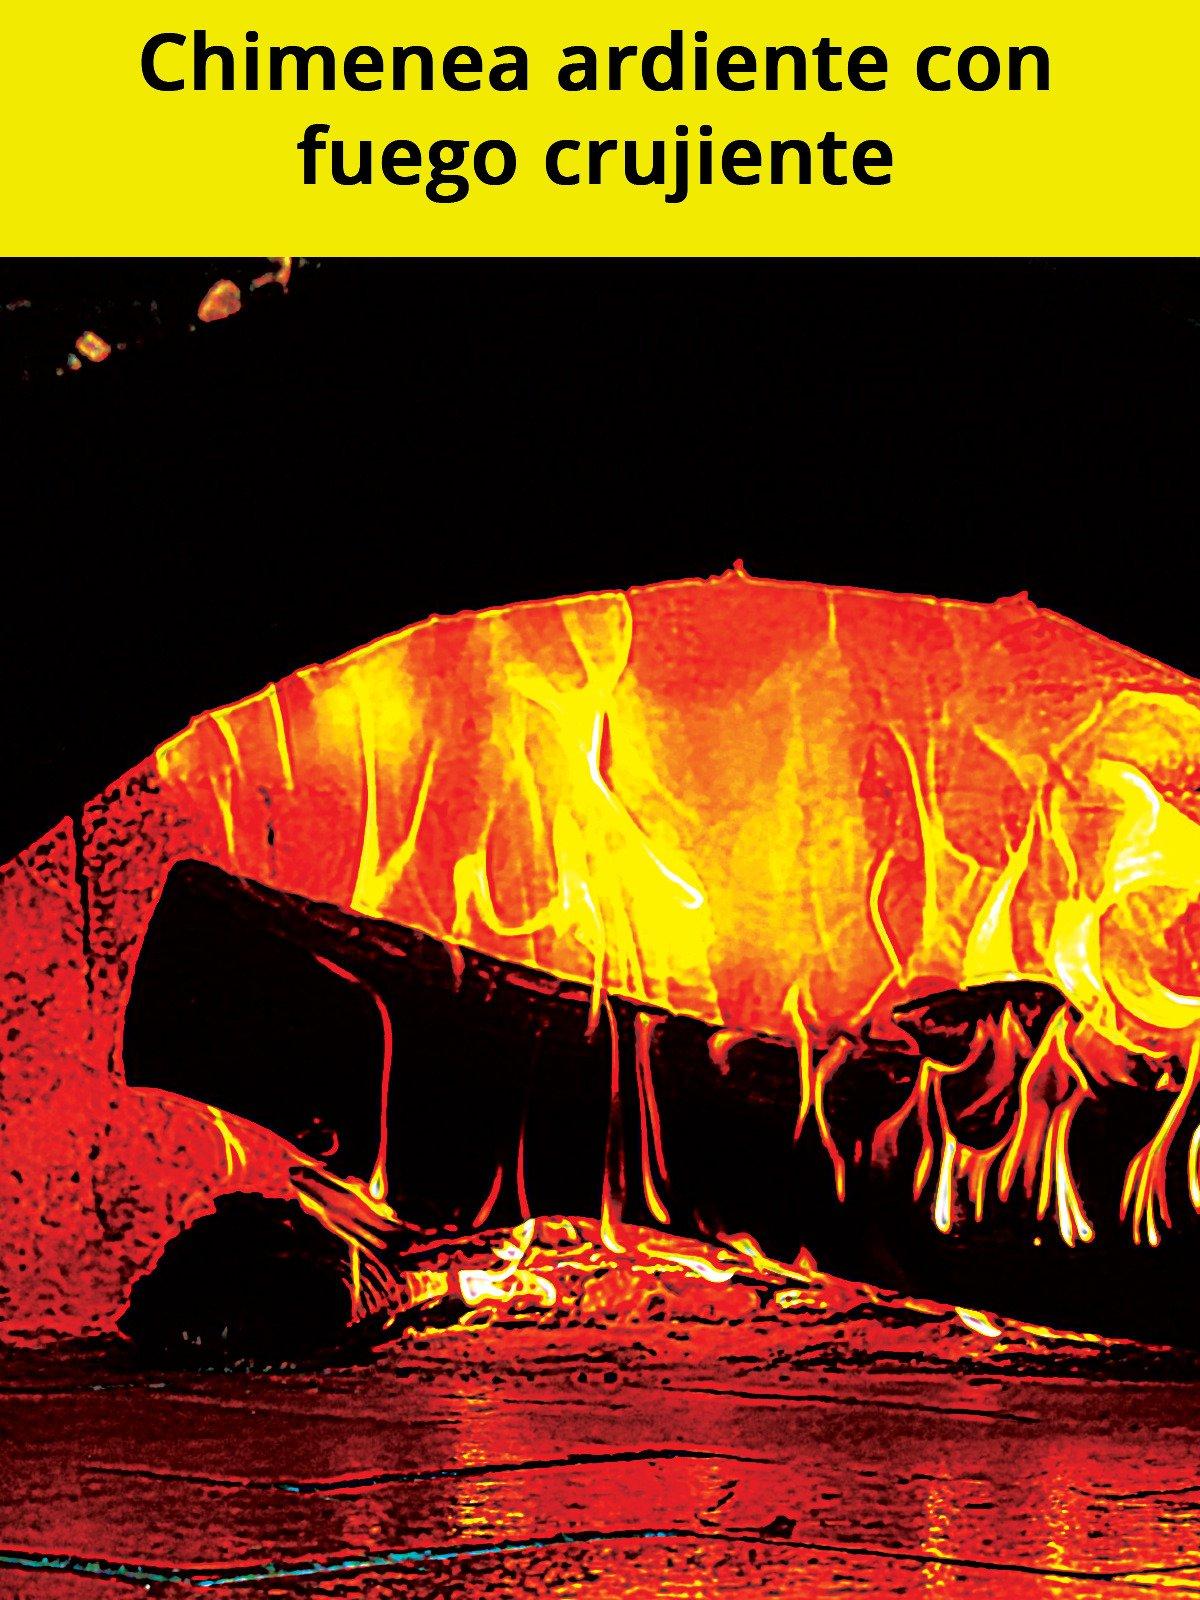 Chimenea ardiente con fuego crujiente